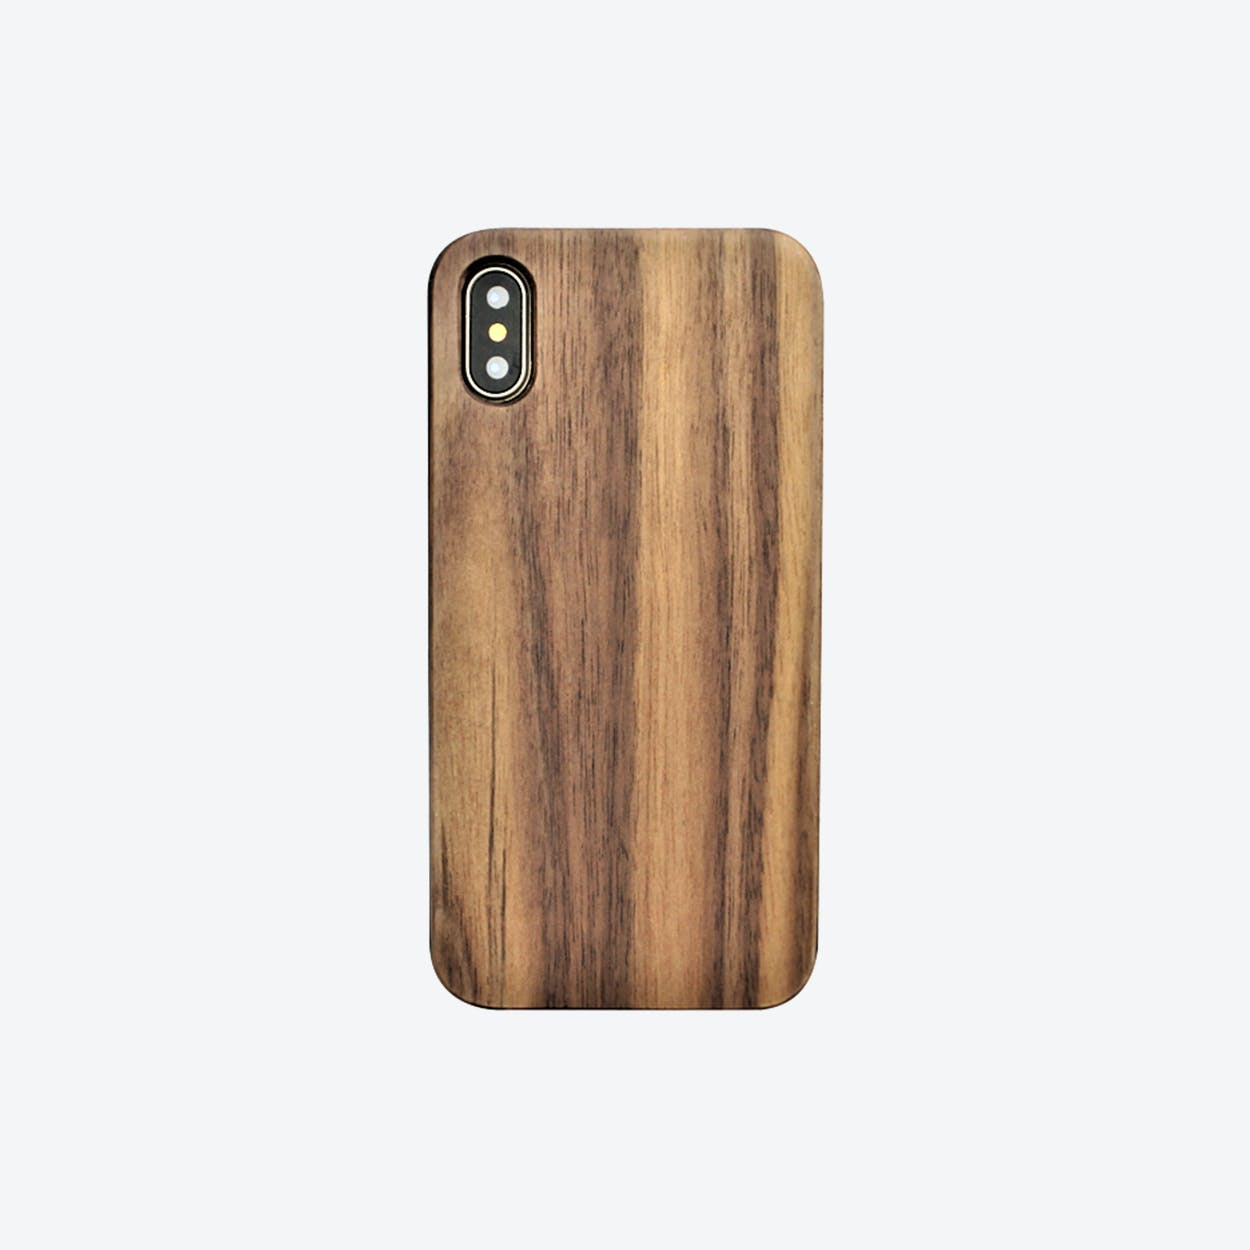 iPhone Case in Walnut